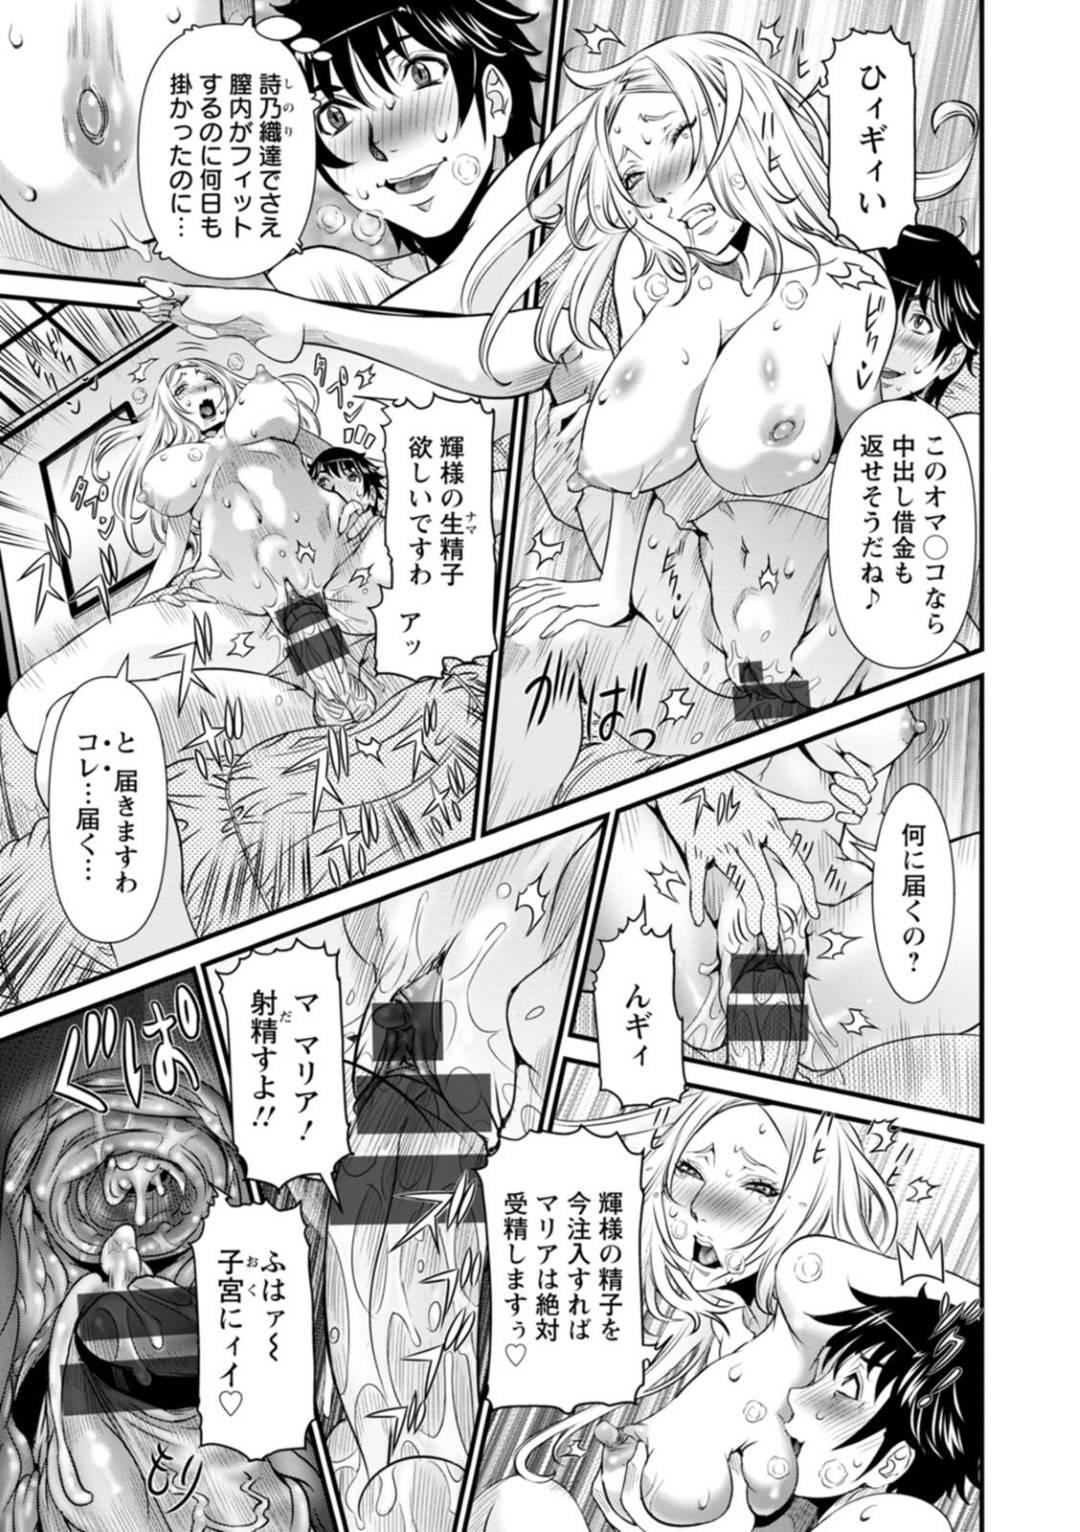 【エロ漫画】シークレットセックスルームにお嬢様のマリアと共に訪れたメイドの凛音…マリアだけではなく凛音もセックスする事になってしまい、スイッチの入った彼女は騎乗位で跨って腰を振りまくって中出しさせる。【笑花偽:SSR シークレットセックスルーム~会員No6 財前凛音~】